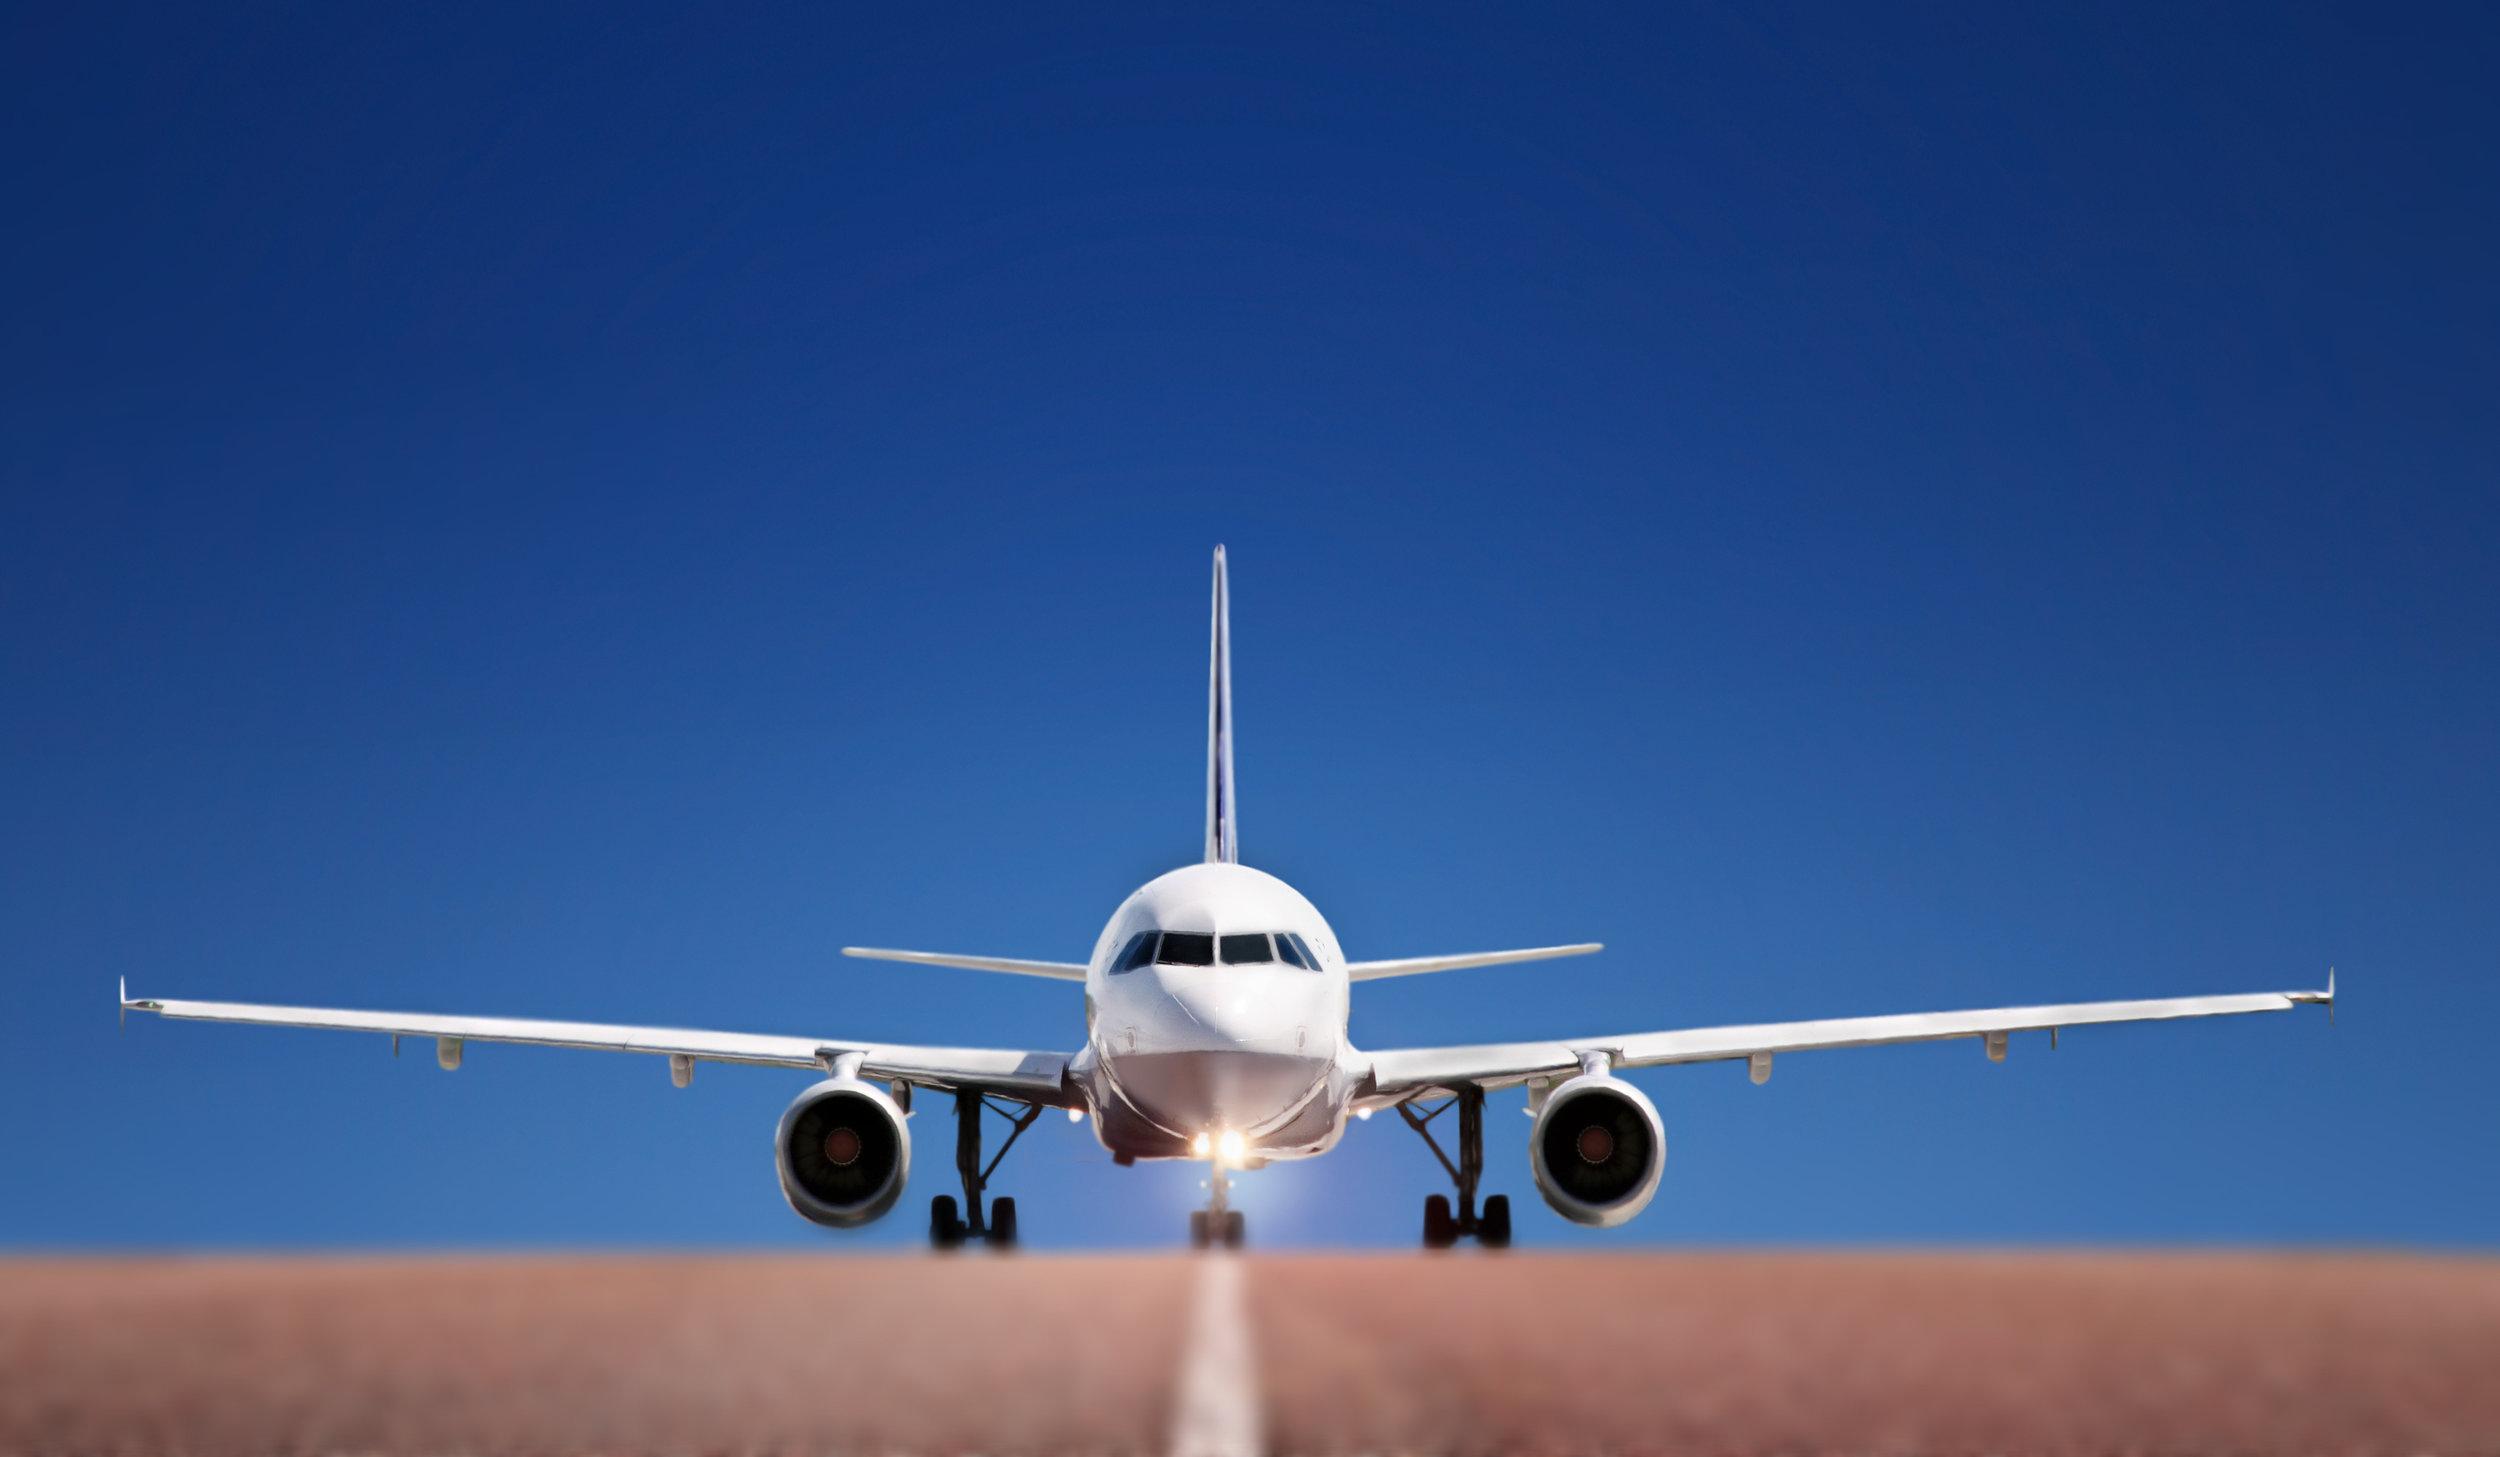 Vsaka letalska družba ima svoja pravila. Navodila imajo objavljena na svoji spletni strani.